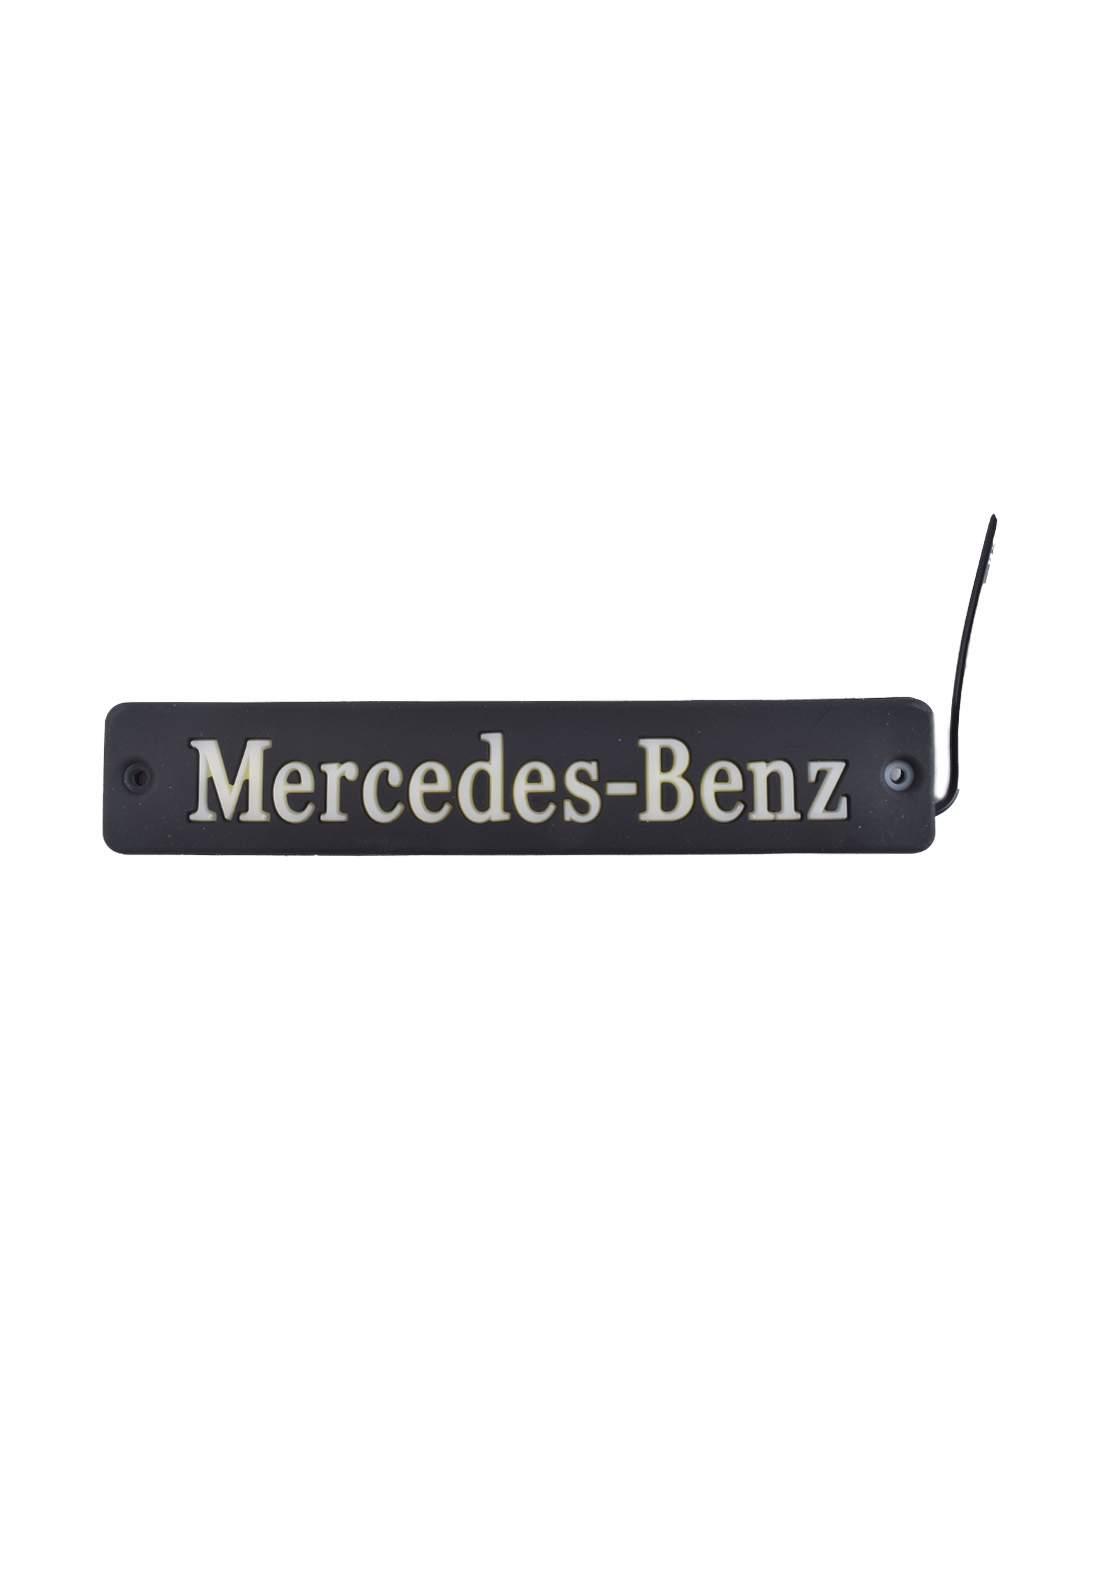 Led Daytime Running Lights -Mercedes-Benz علامة ضوئية للسيارة